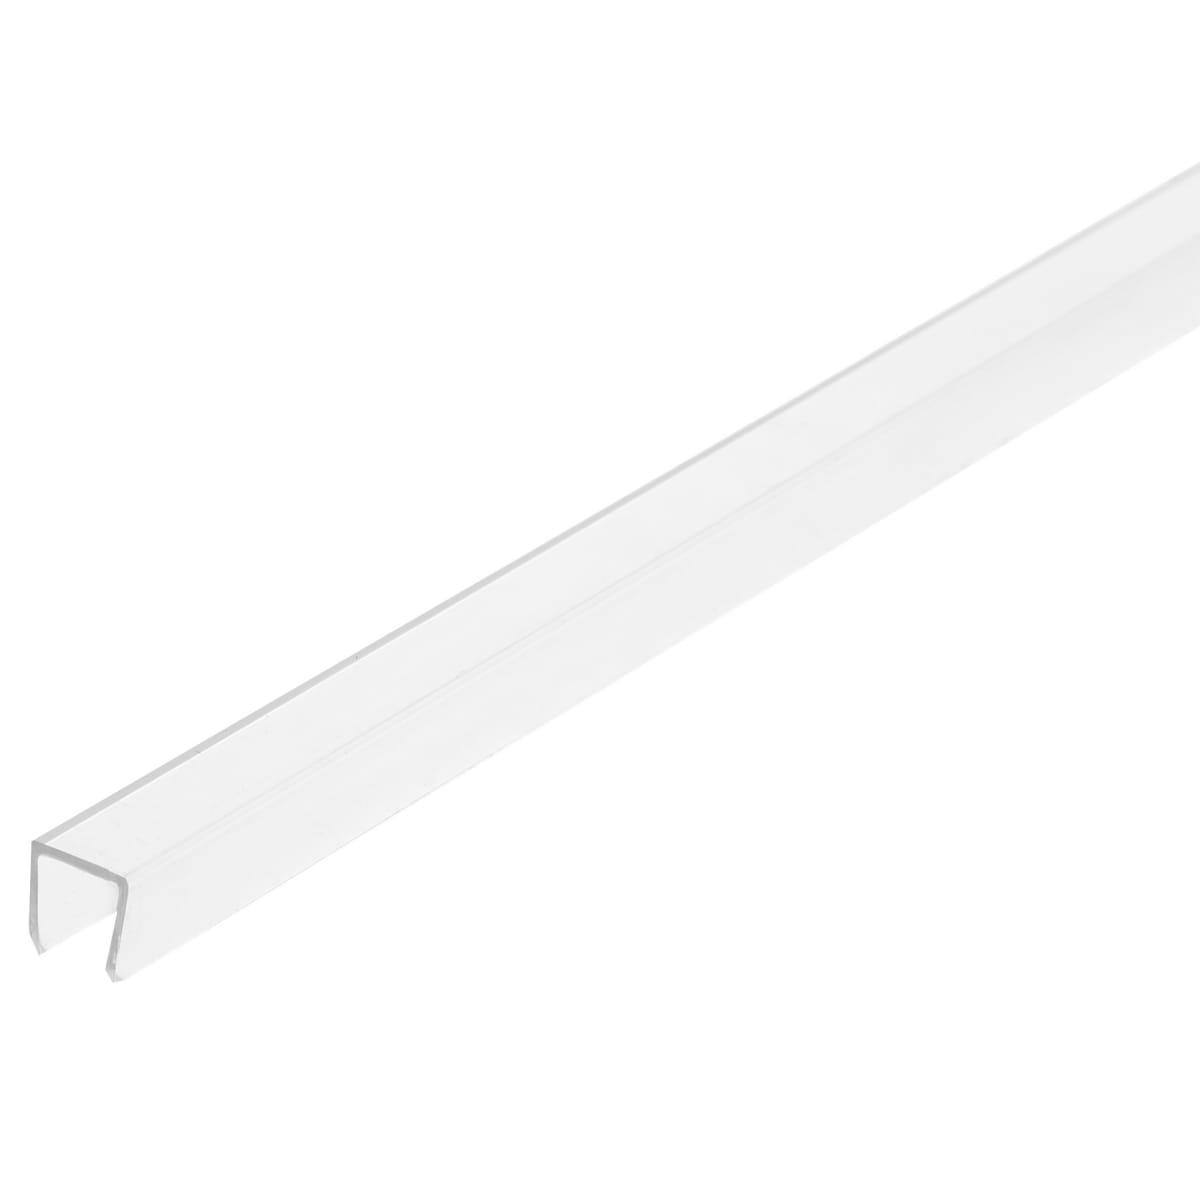 Профиль торцевой П-образный для стеновой панели, 60х0.6 см, пластик